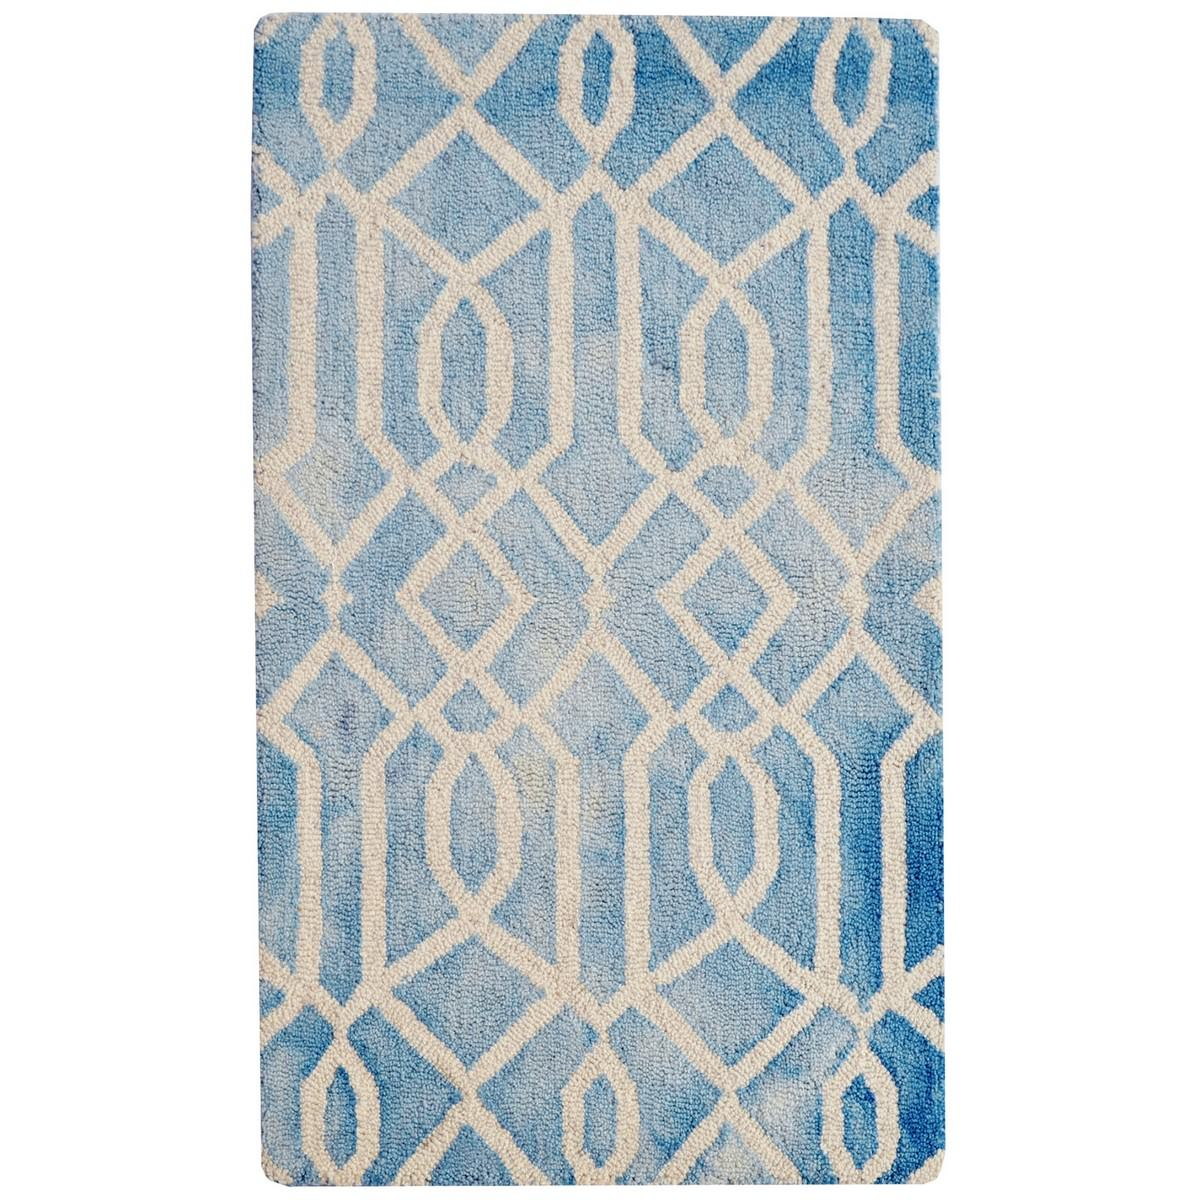 Maryland Tie Dye Wool Rug, 90x60cm, Aqua